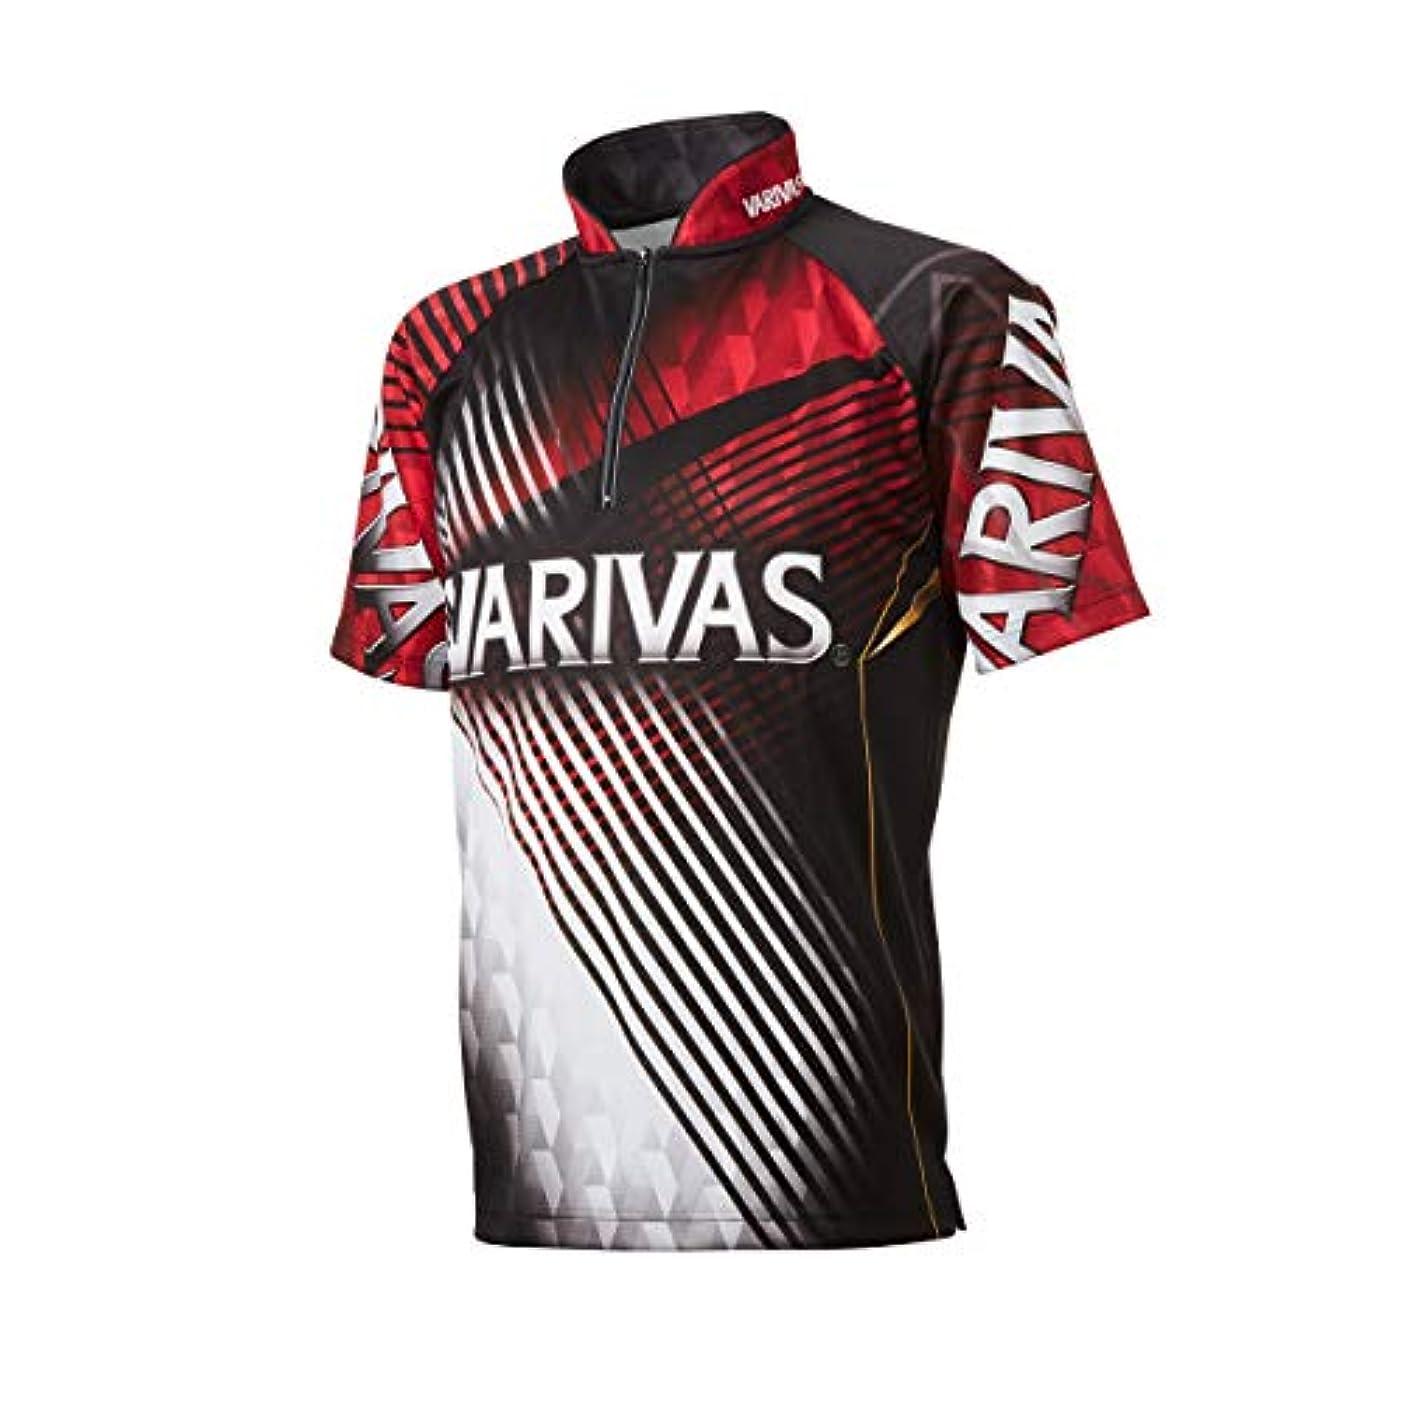 約束する反逆ベッドVARIVAS(バリバス) ドライジップシャツ半袖 VAZS-22